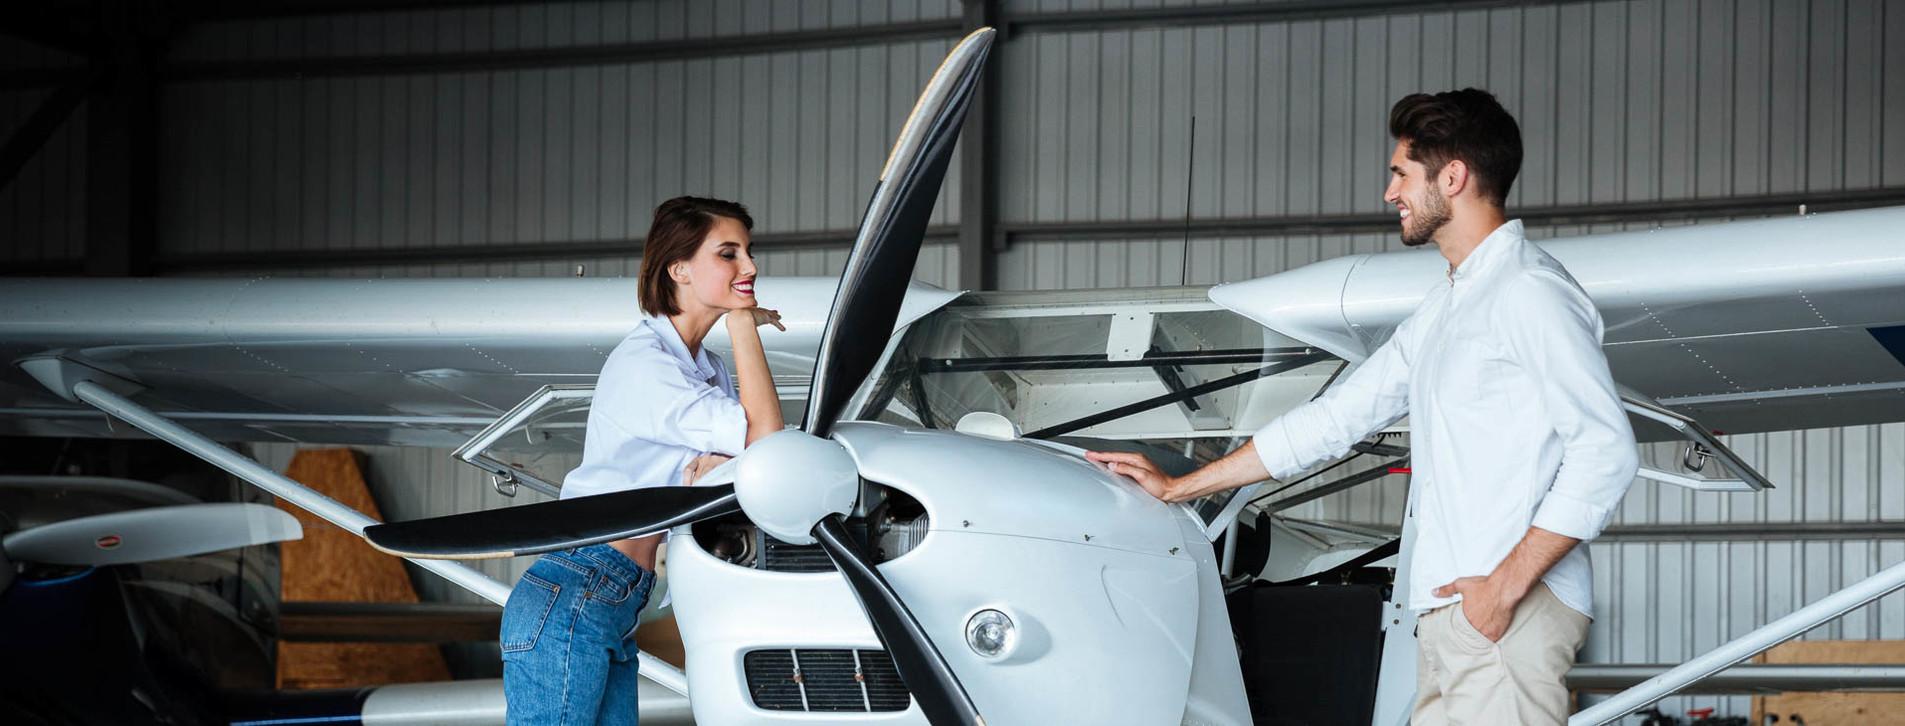 Фото - Курс «Вищий пілотаж у стосунках» від Woman Insight